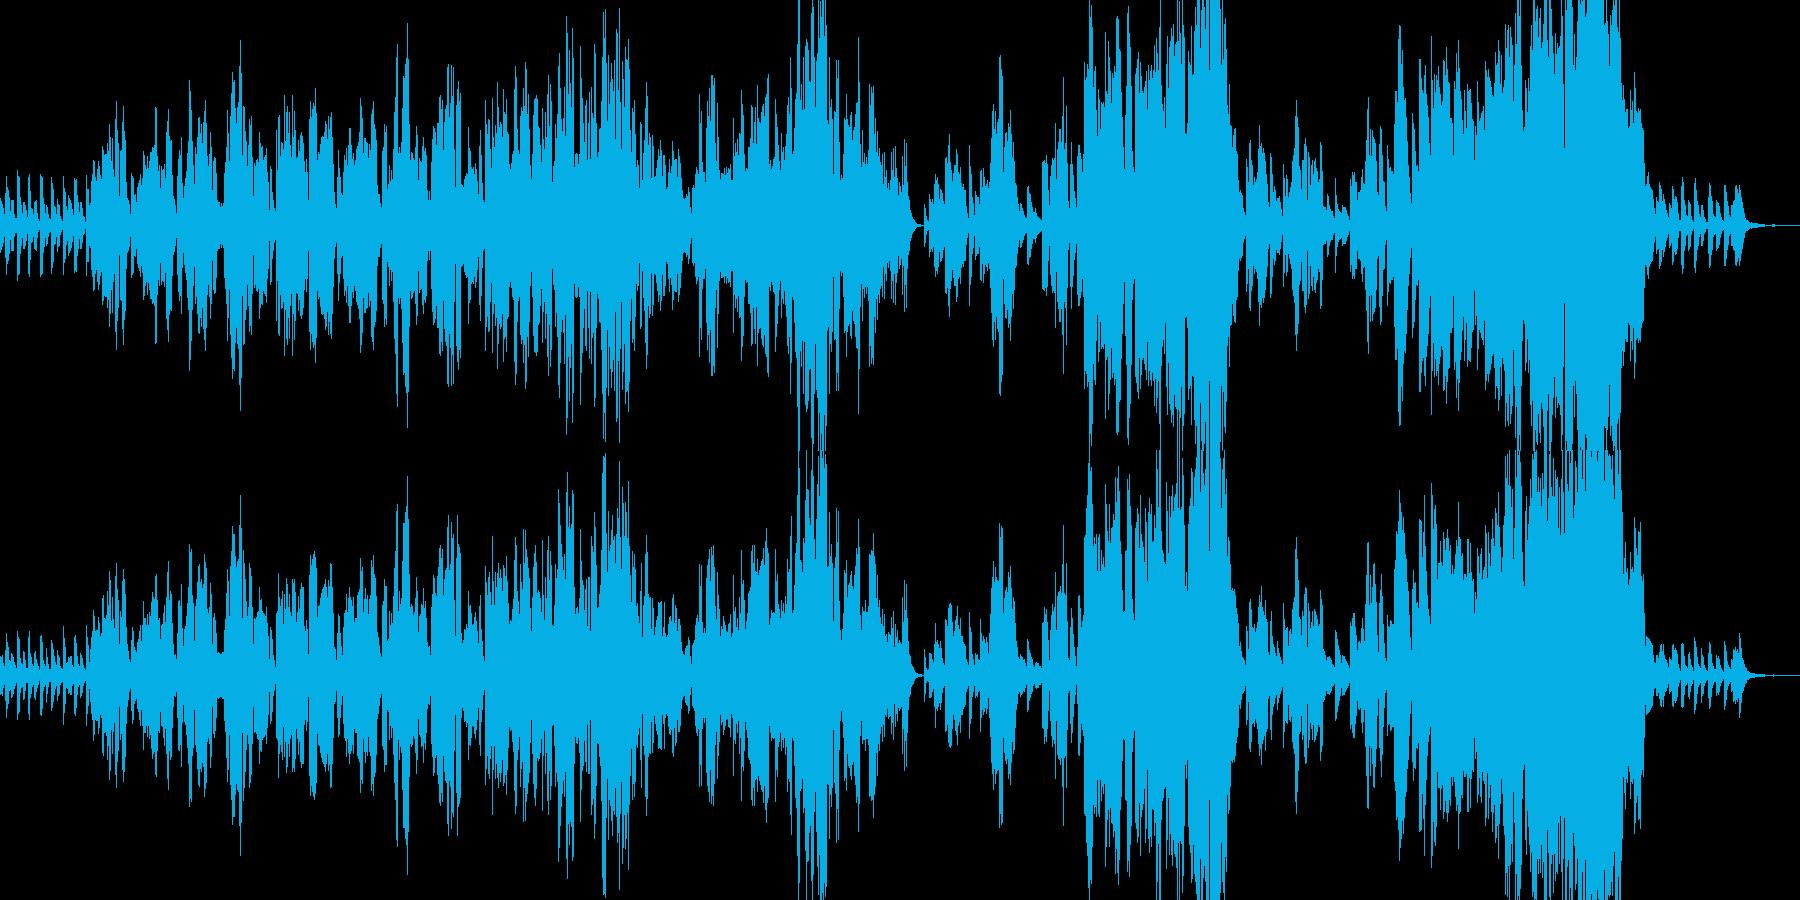 シューベルト「冬の旅」より『流れの上で』の再生済みの波形